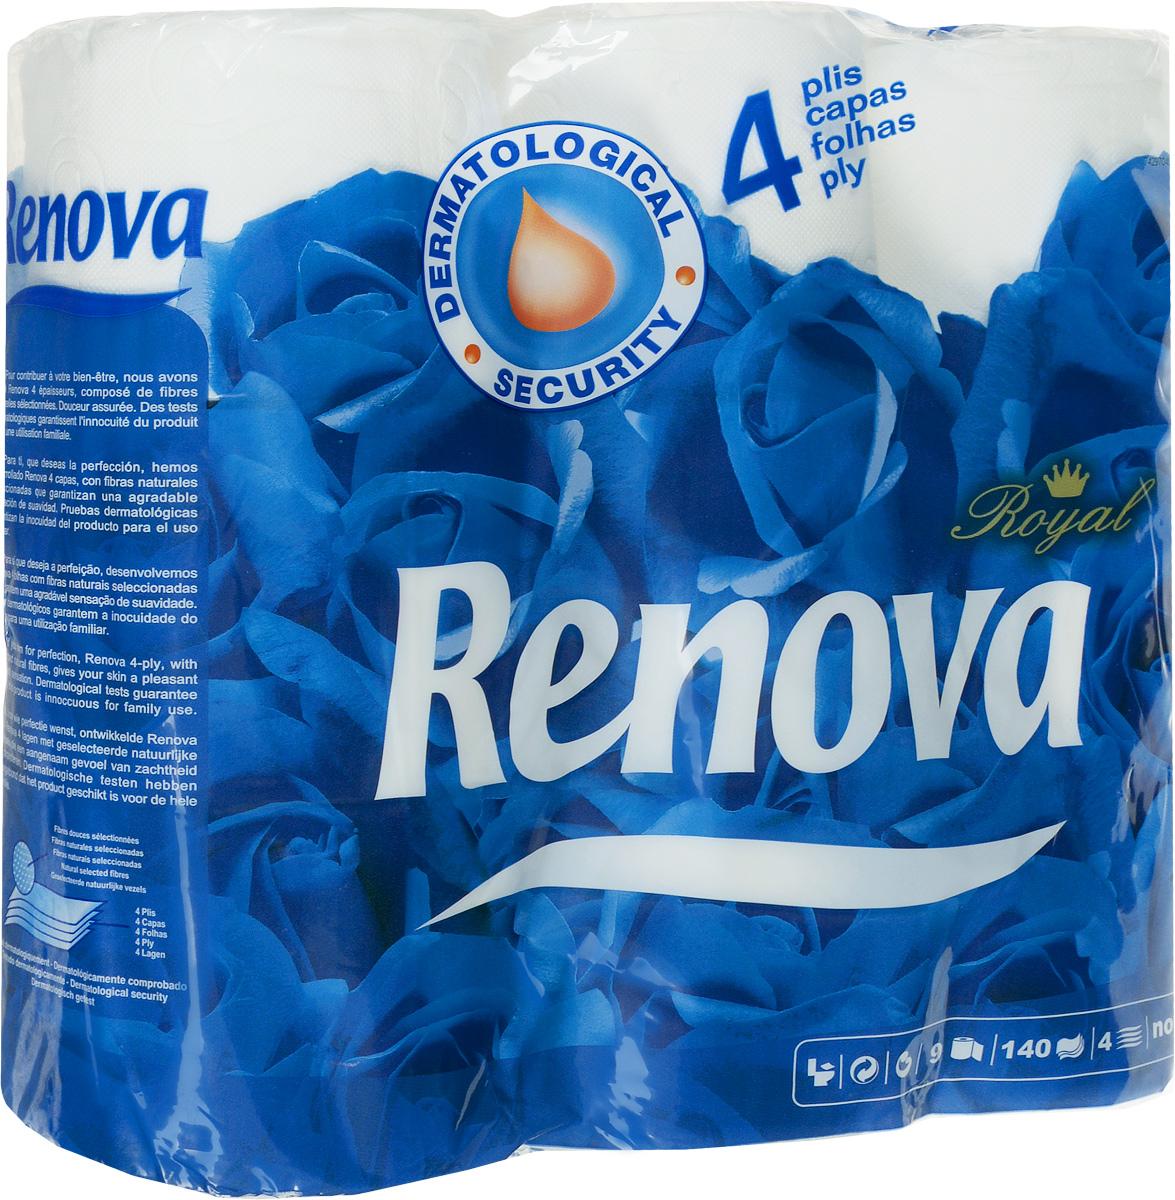 Туалетная бумага Renova Royal, четырехслойная, цвет: белый, 9 рулонов790009Туалетная бумага Renova Royal изготовлена по новейшей технологии из 100% целлюлозы, благодаря чему она очень мягкая, нежная, но в тоже время прочная. Перфорация надежно скрепляет четыре слоя бумаги. Туалетная бумага Renova Royal не содержит ароматизаторов и красителей. Состав: 100% целлюлоза. Количество листов: 140 шт.Количество слоев: 4.Размер листа: 11,5 см х 9,5 см.Количество рулонов: 9 шт.Португальская компания Renova является ведущим разработчиком новейших технологий производства, нового стиля и направления на рынке гигиенической продукции.